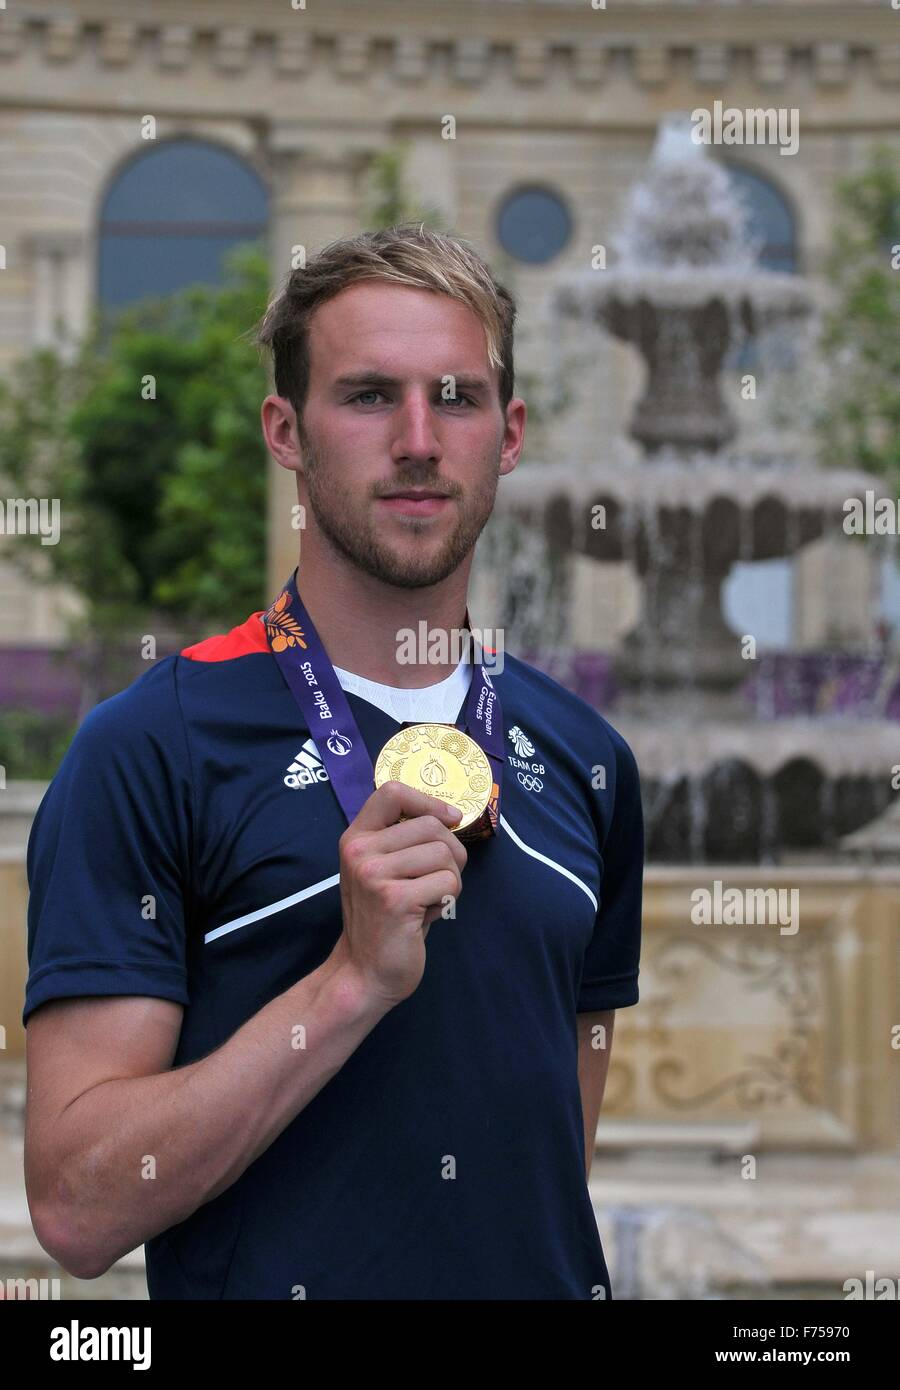 Gordon Benson athlete